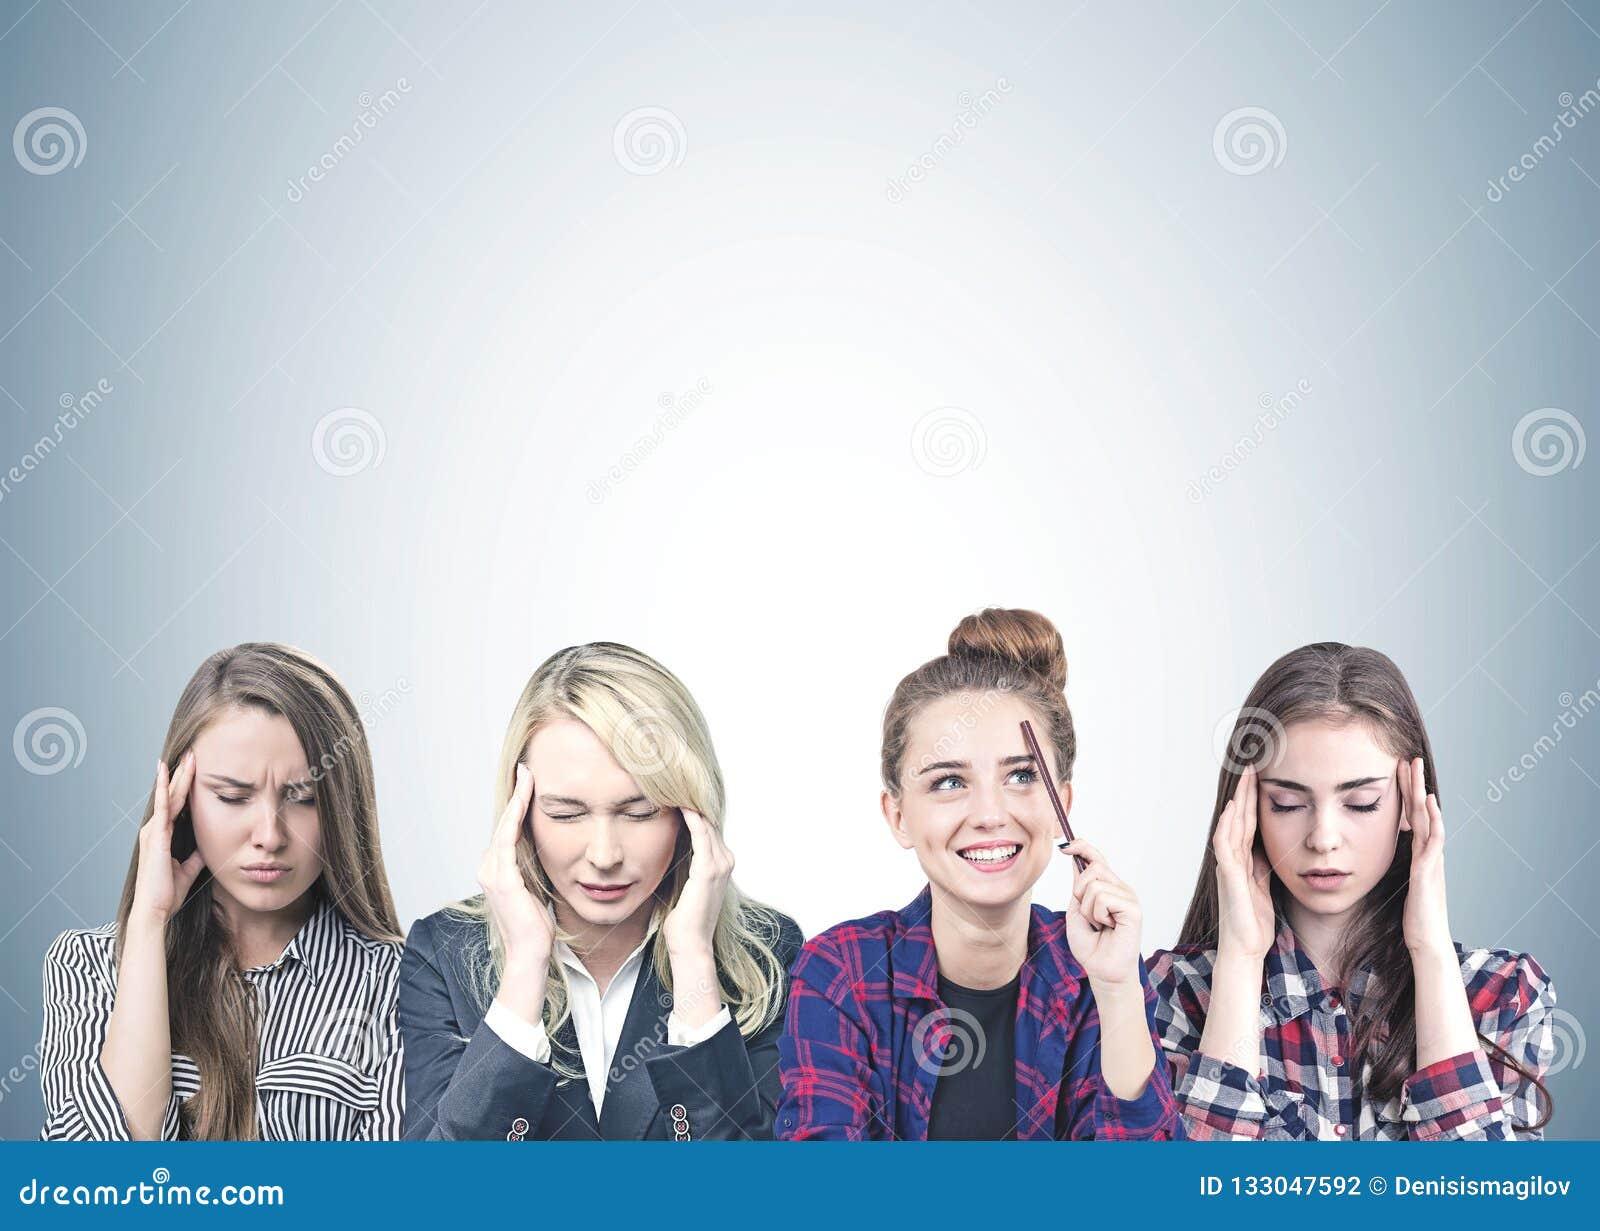 Conceituar de quatro mulheres, cinzento